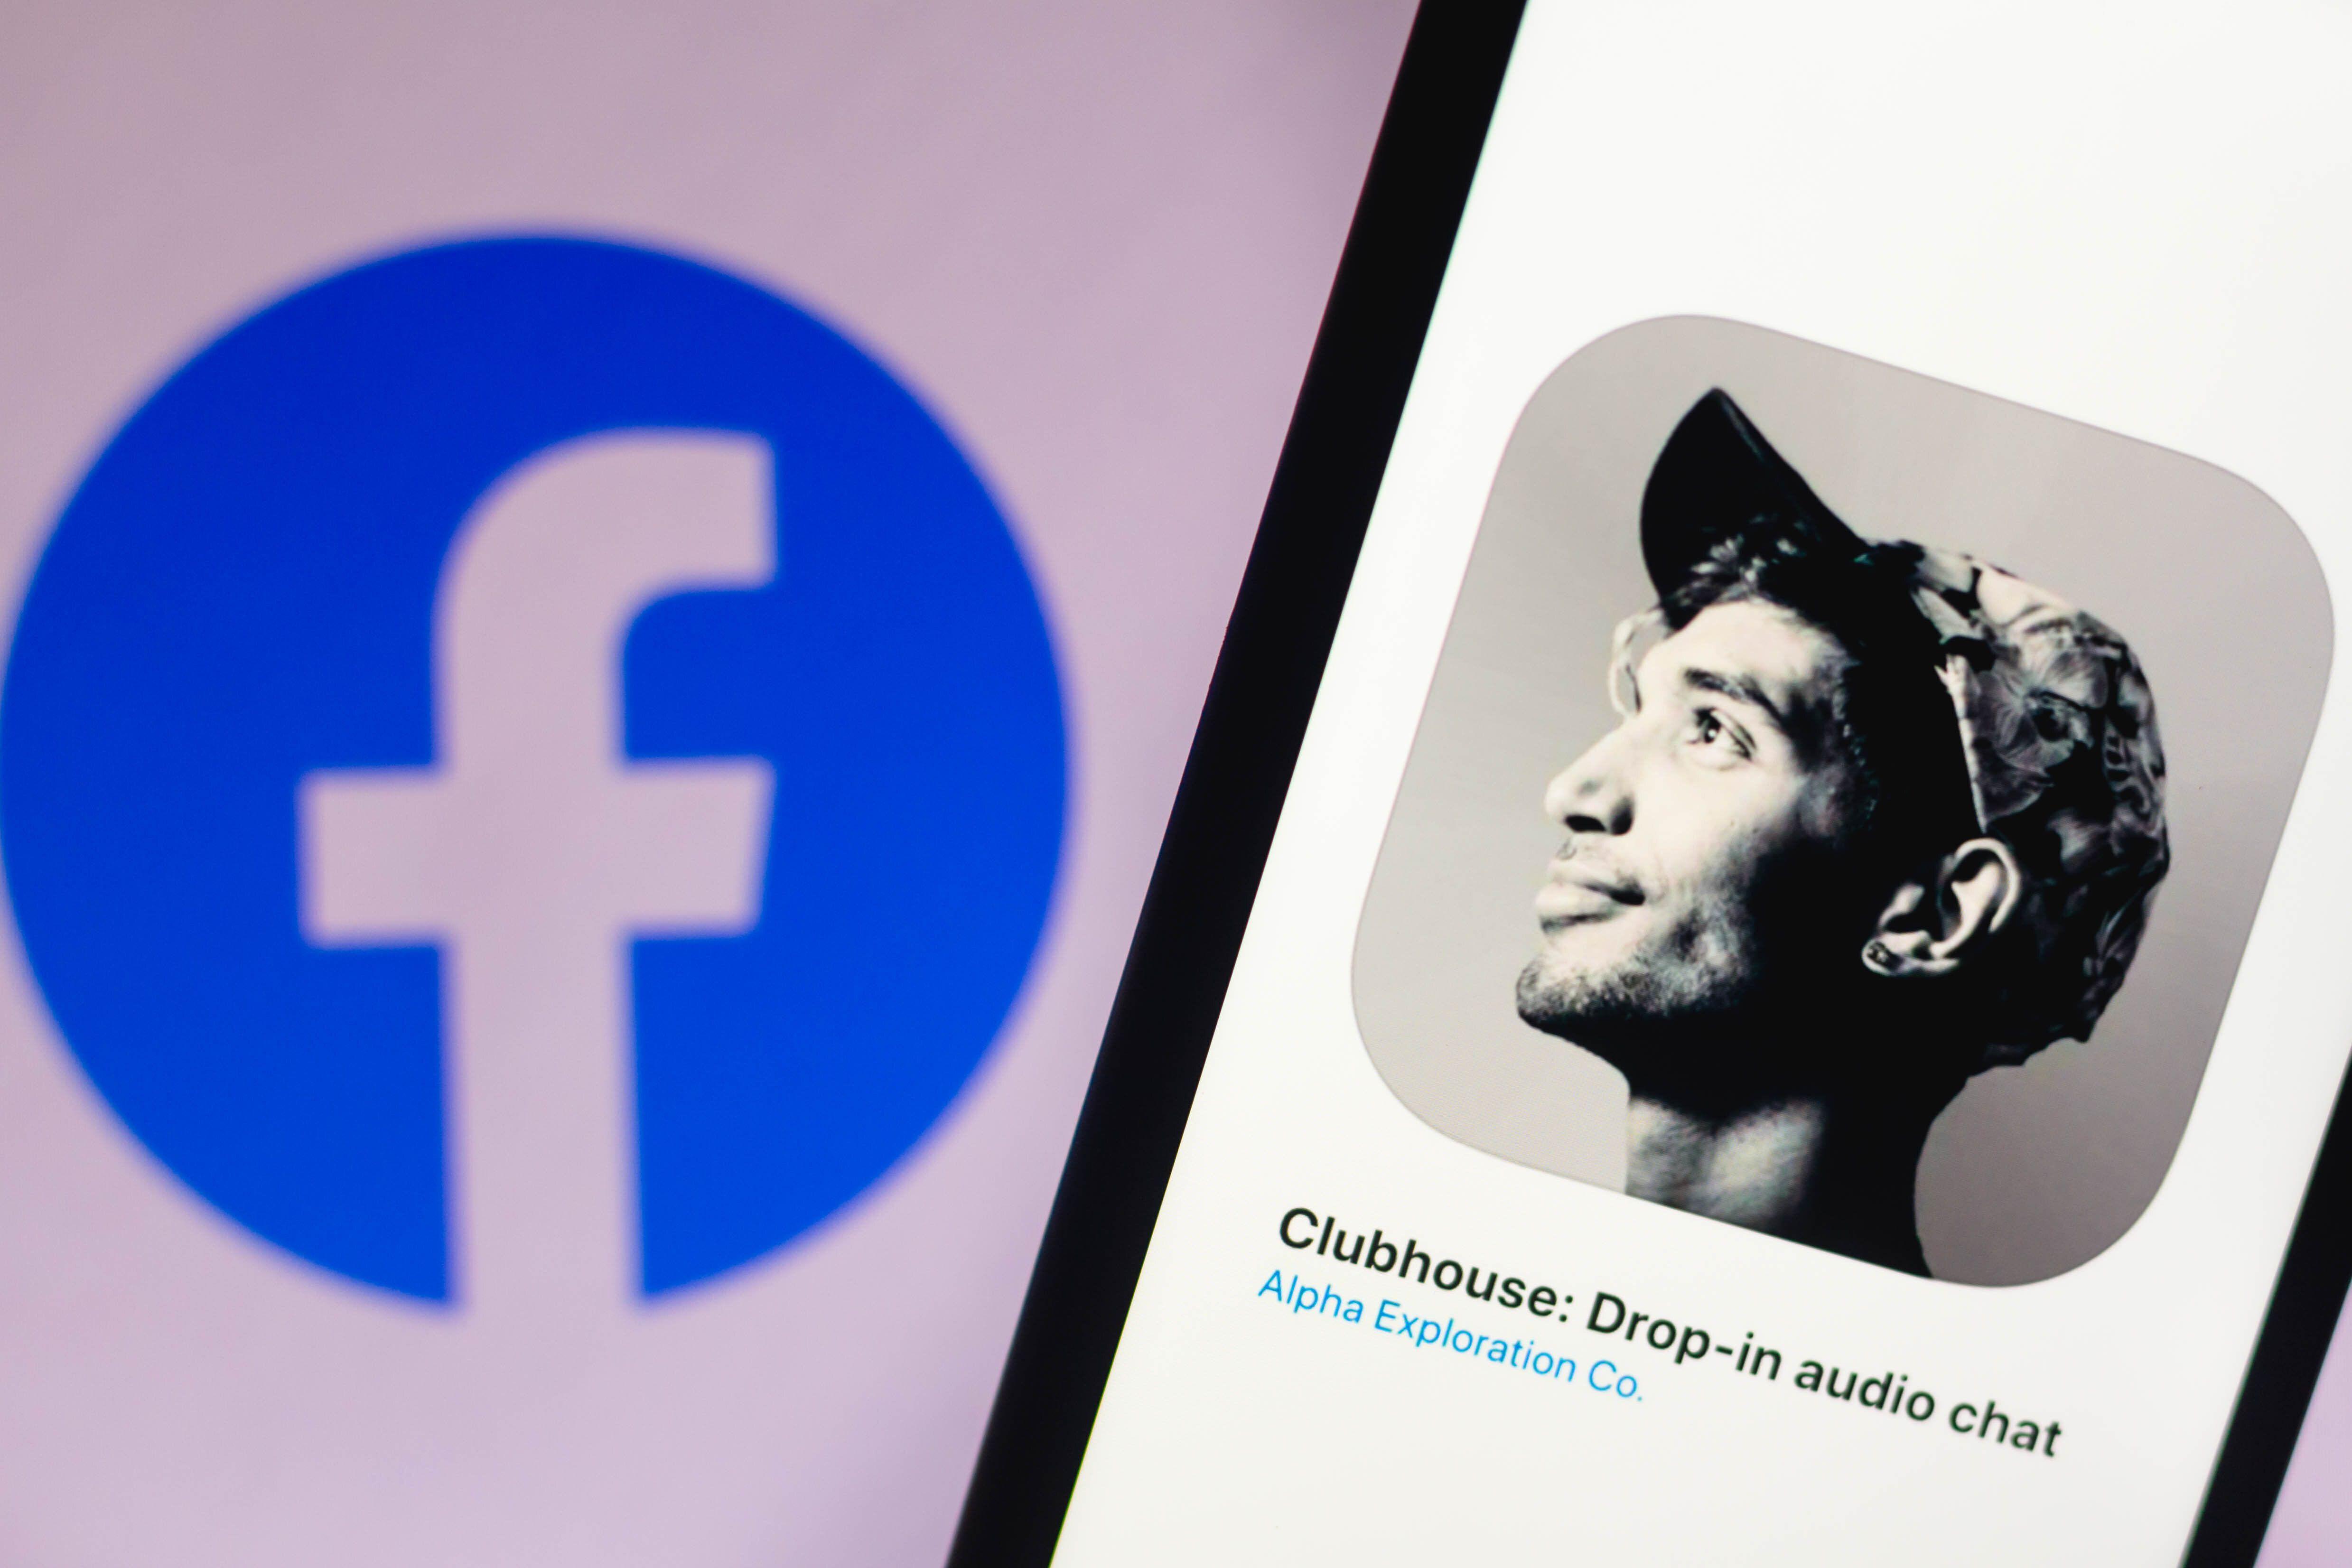 L'application Clubhouse devant le logo de l'entreprise